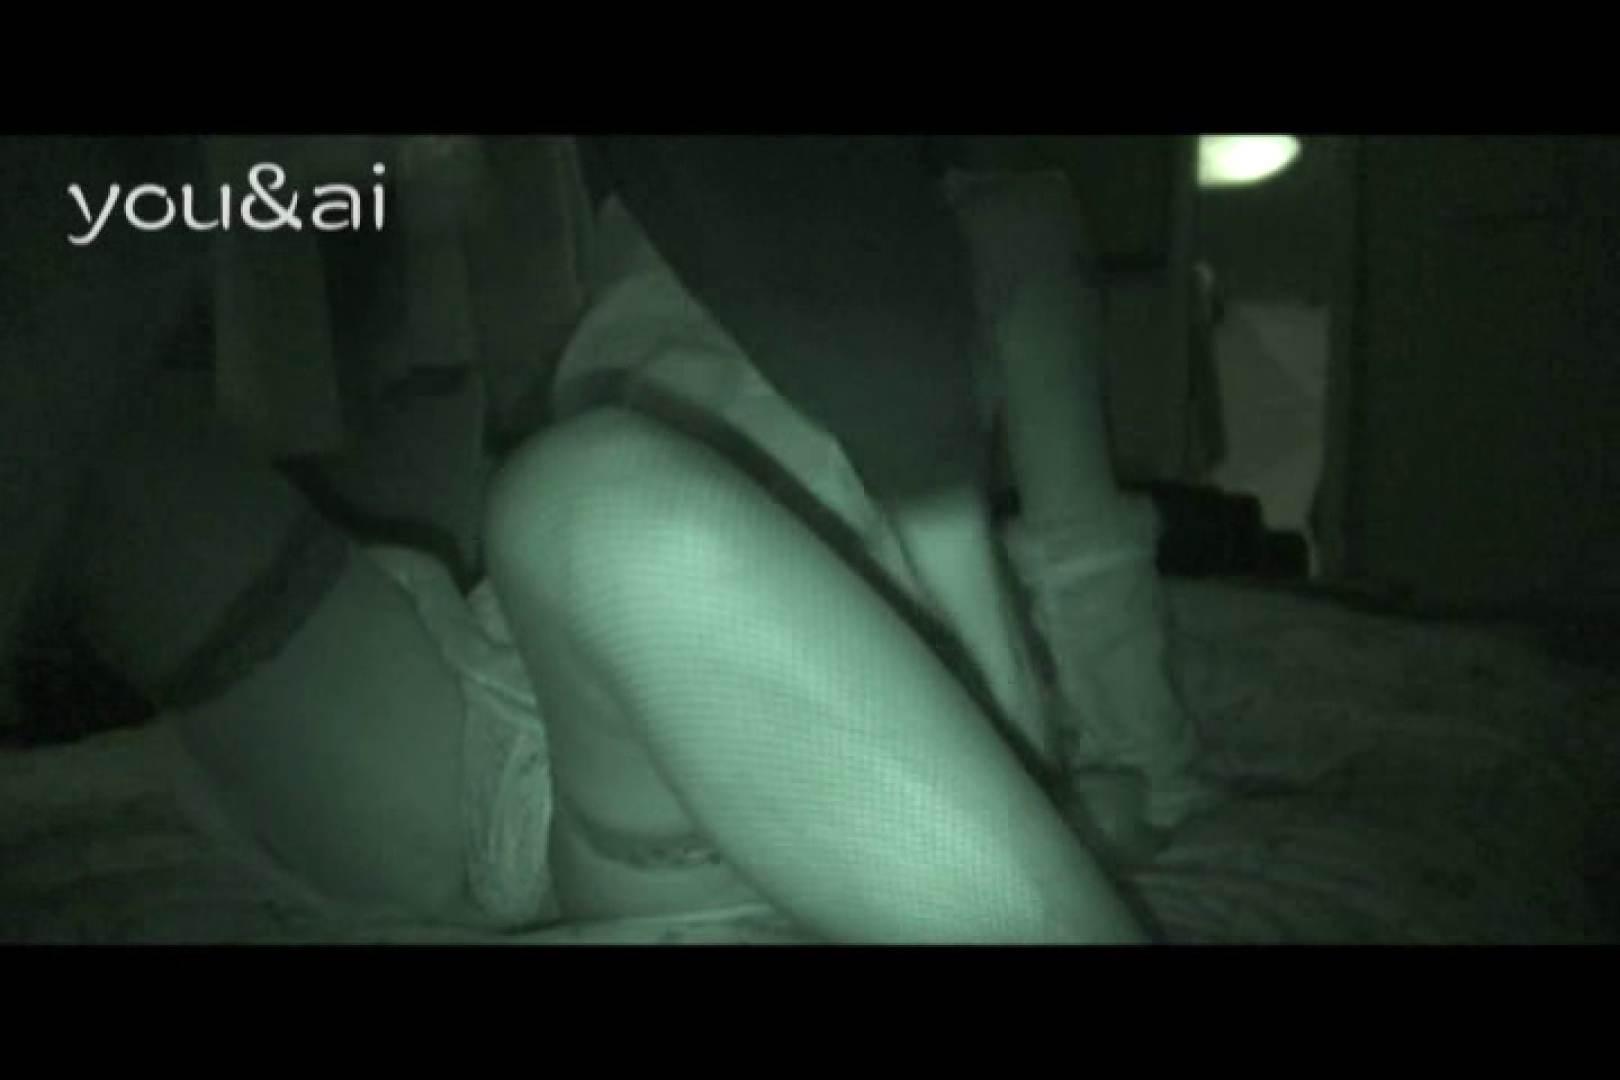 おしどり夫婦のyou&aiさん投稿作品vol.5 すけべなOL AV無料動画キャプチャ 102画像 32